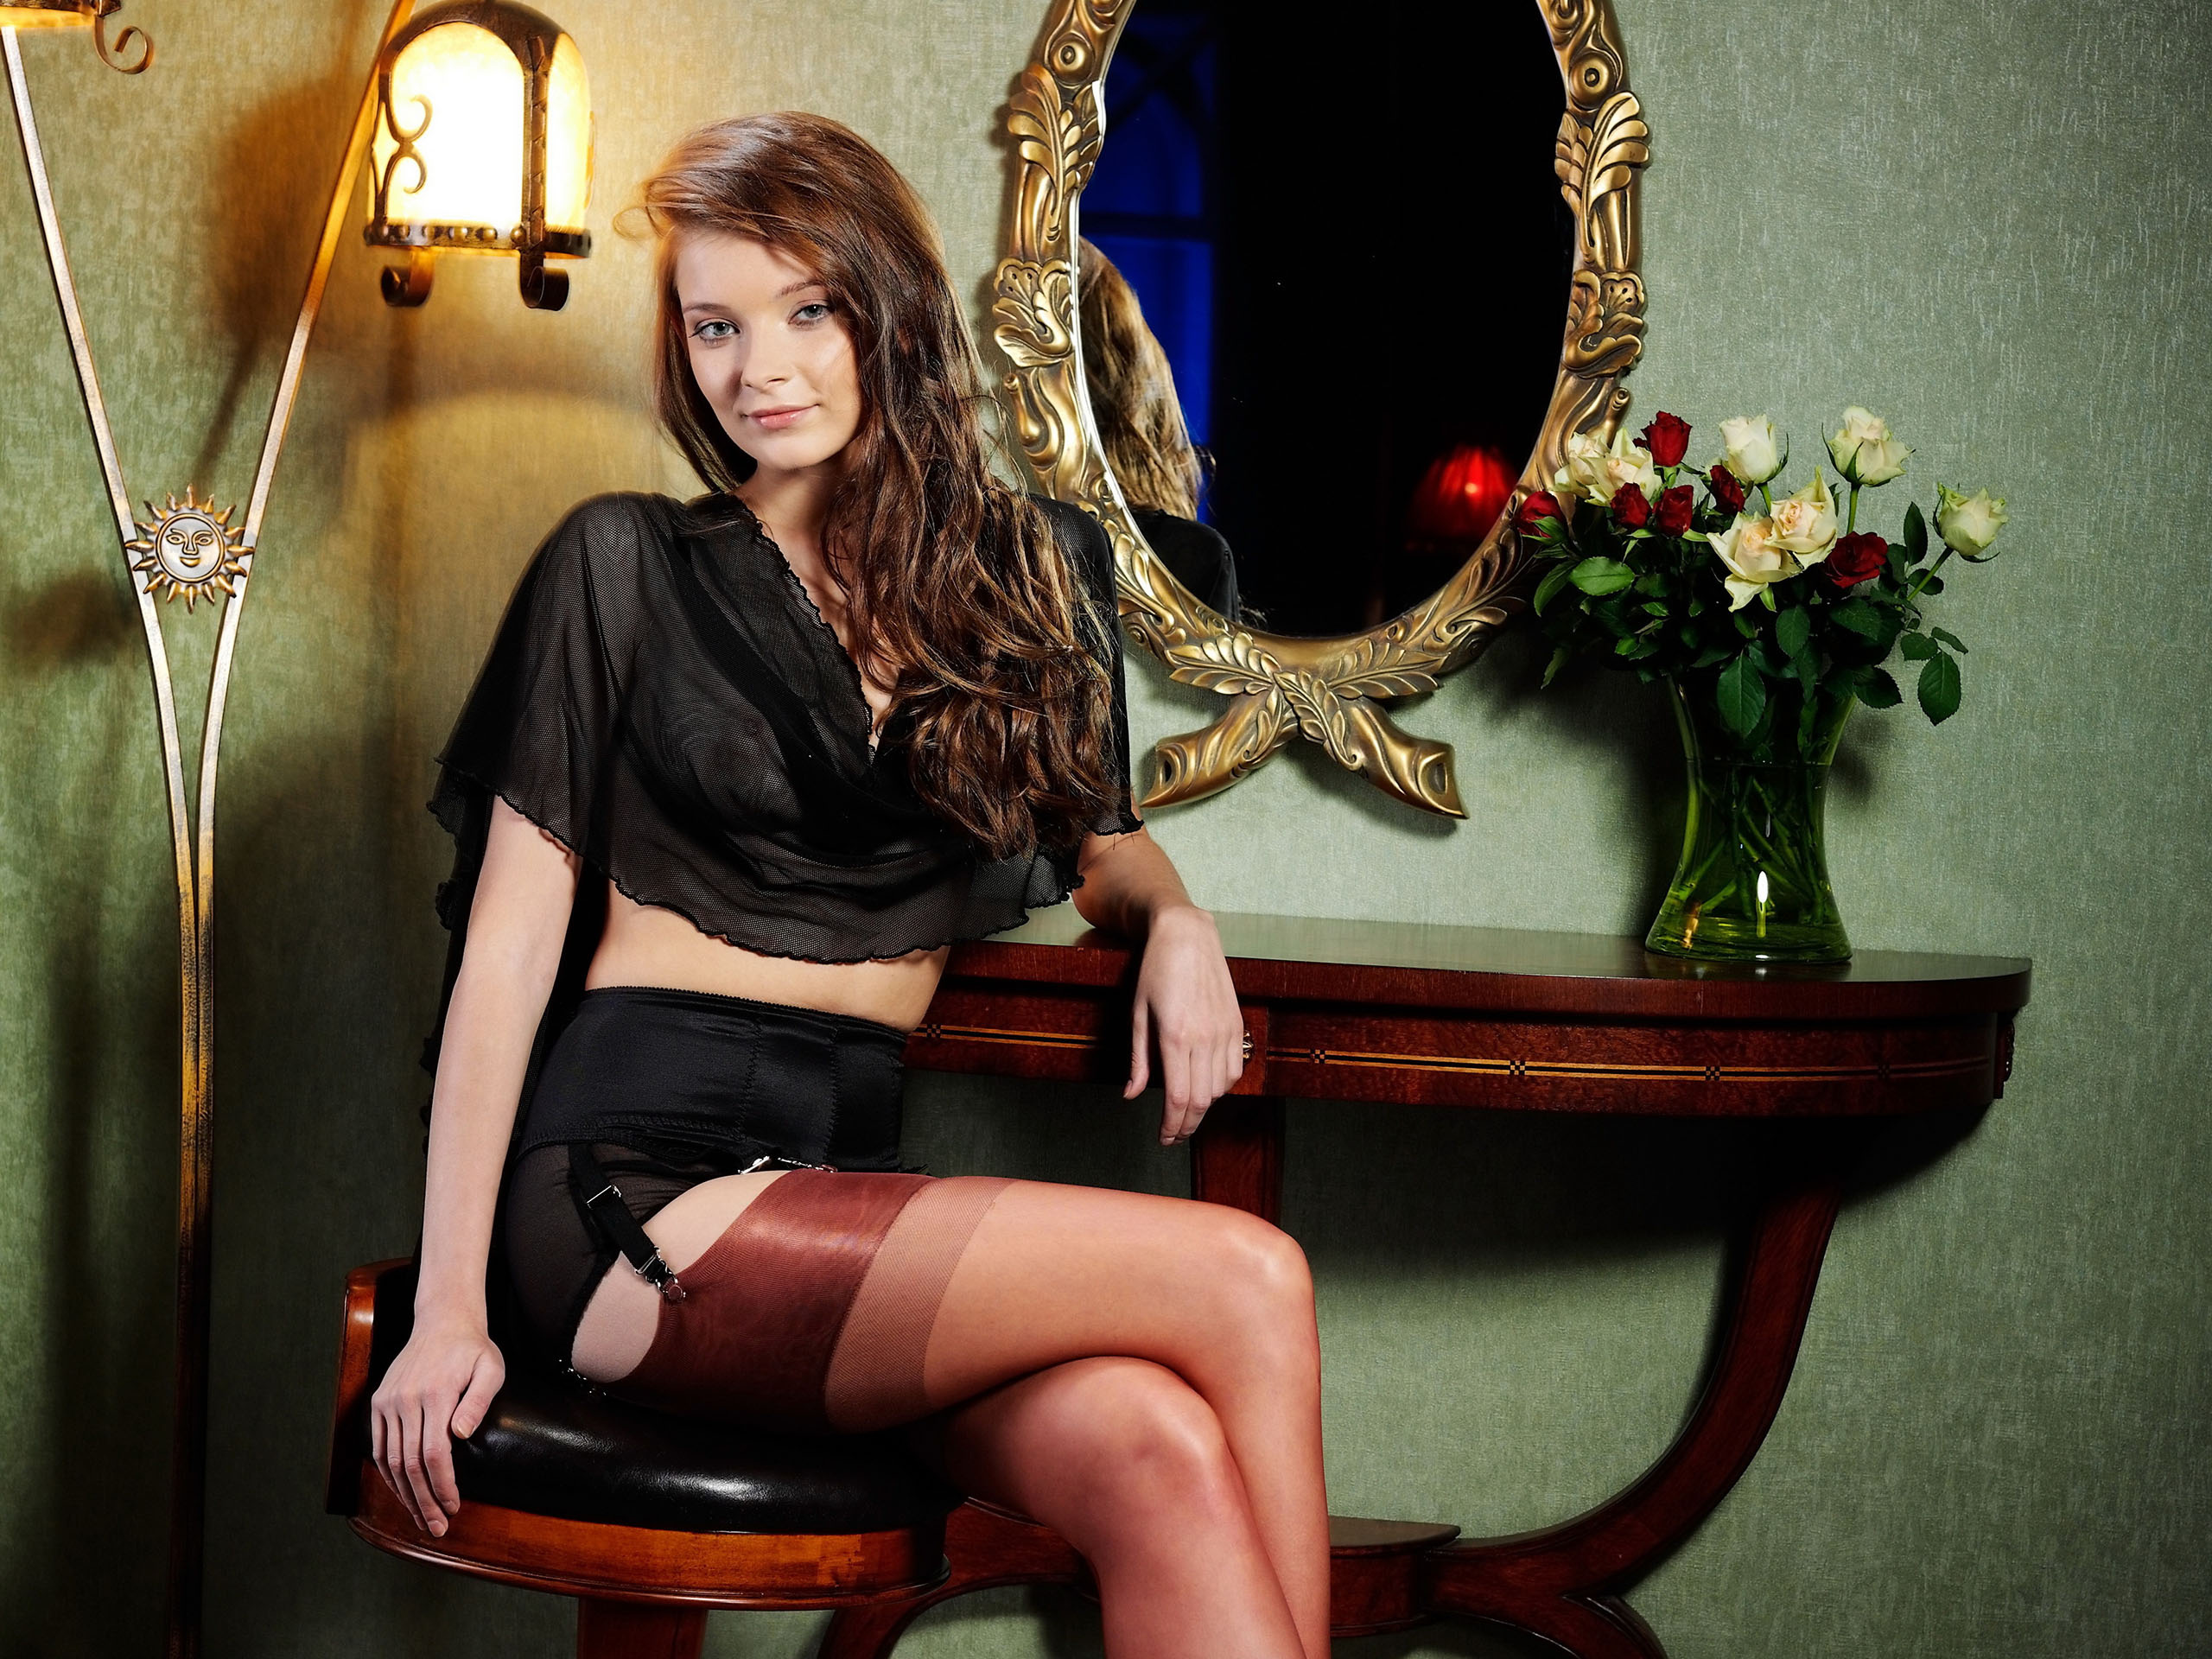 Анна в чулках 3 фотография